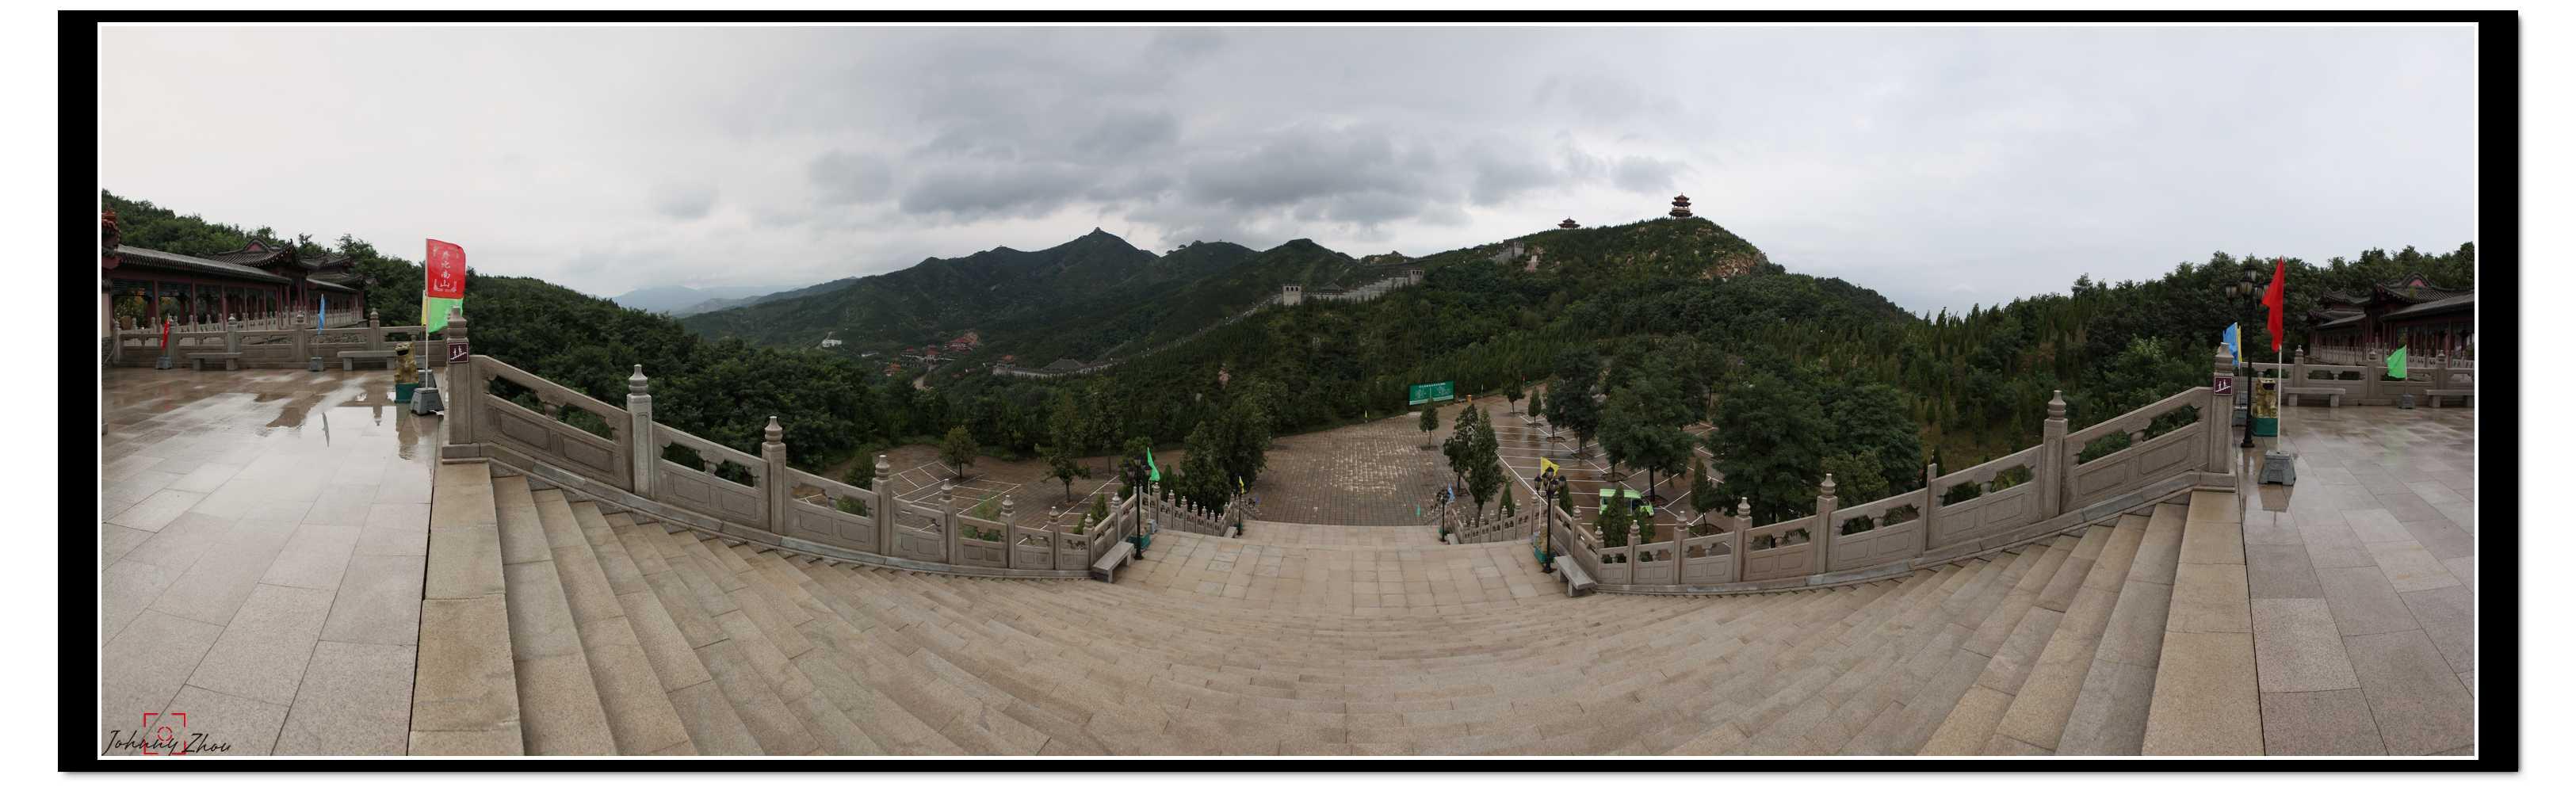 南山全景图 1.jpg